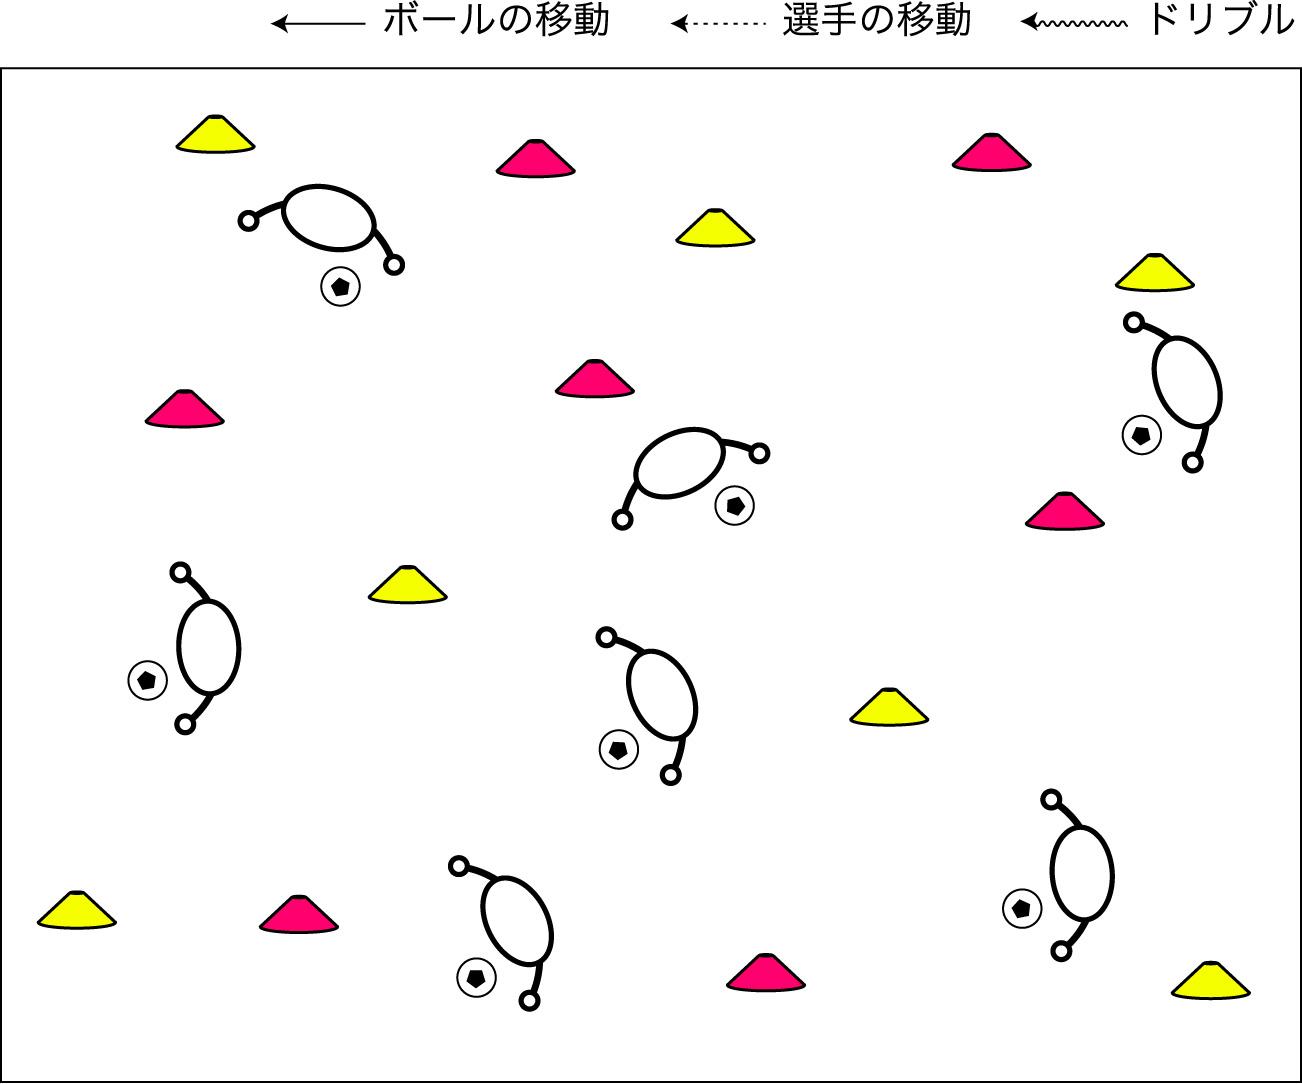 図解:色別マーカーストップ